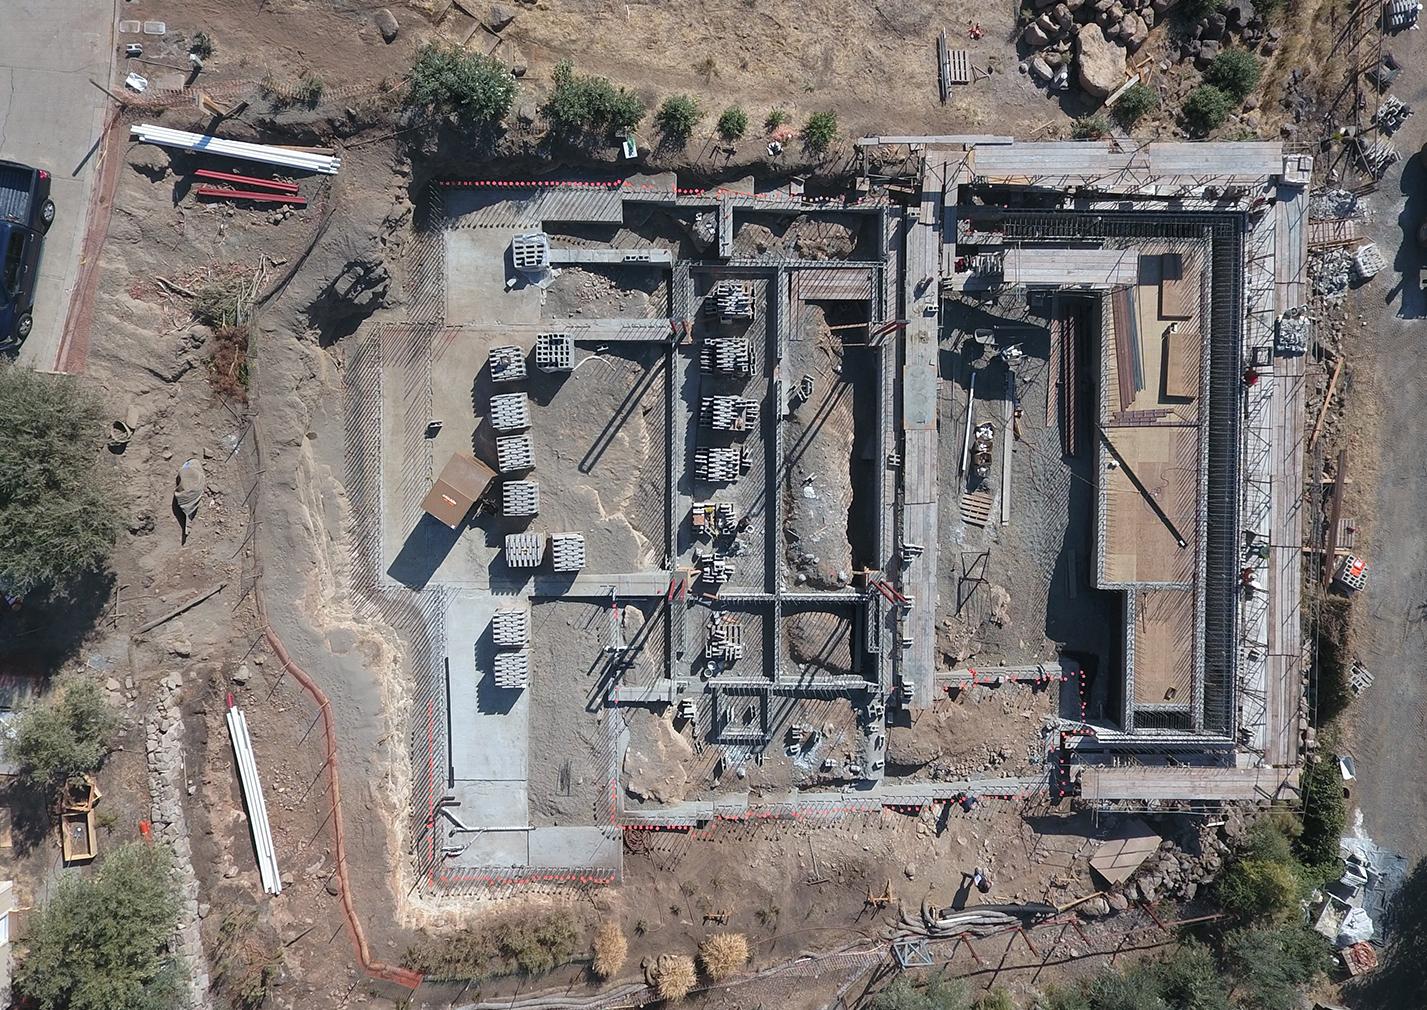 Silverado construction site, aerial vue